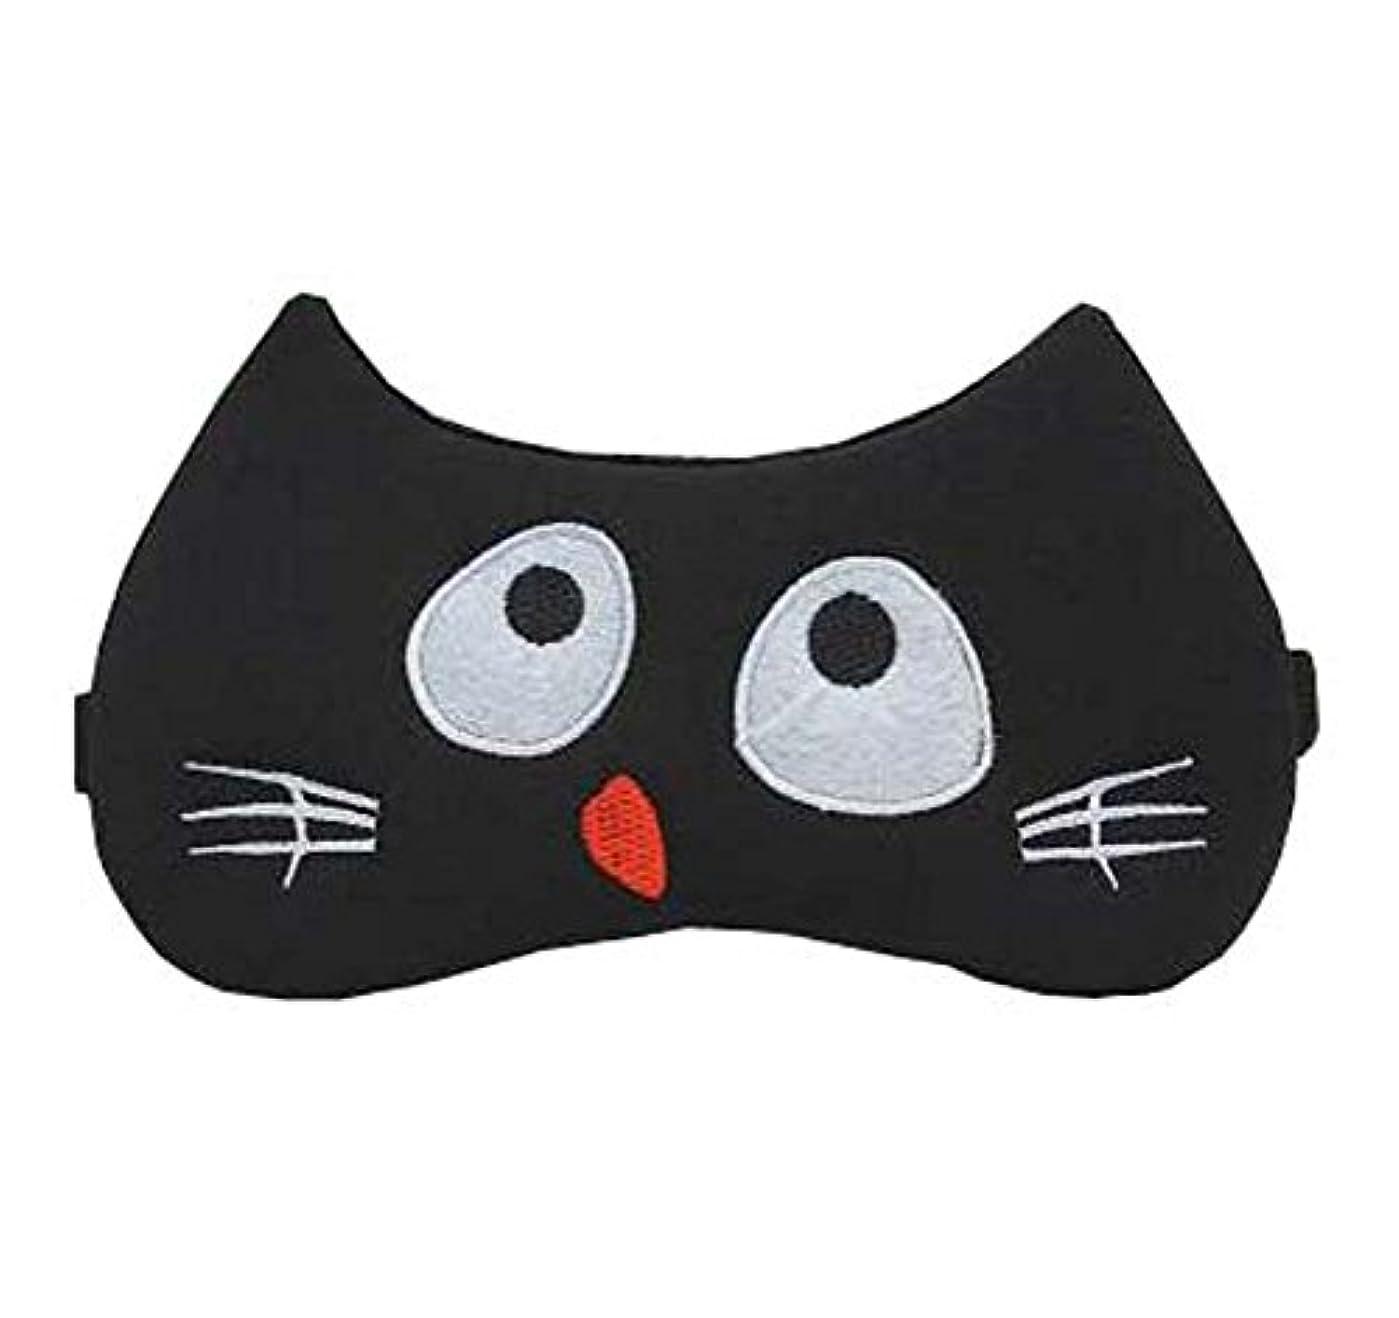 不愉快補足コショウ快適なかわいい目のマスクは、睡眠の作業のための不眠症とストレスを軽減し、D